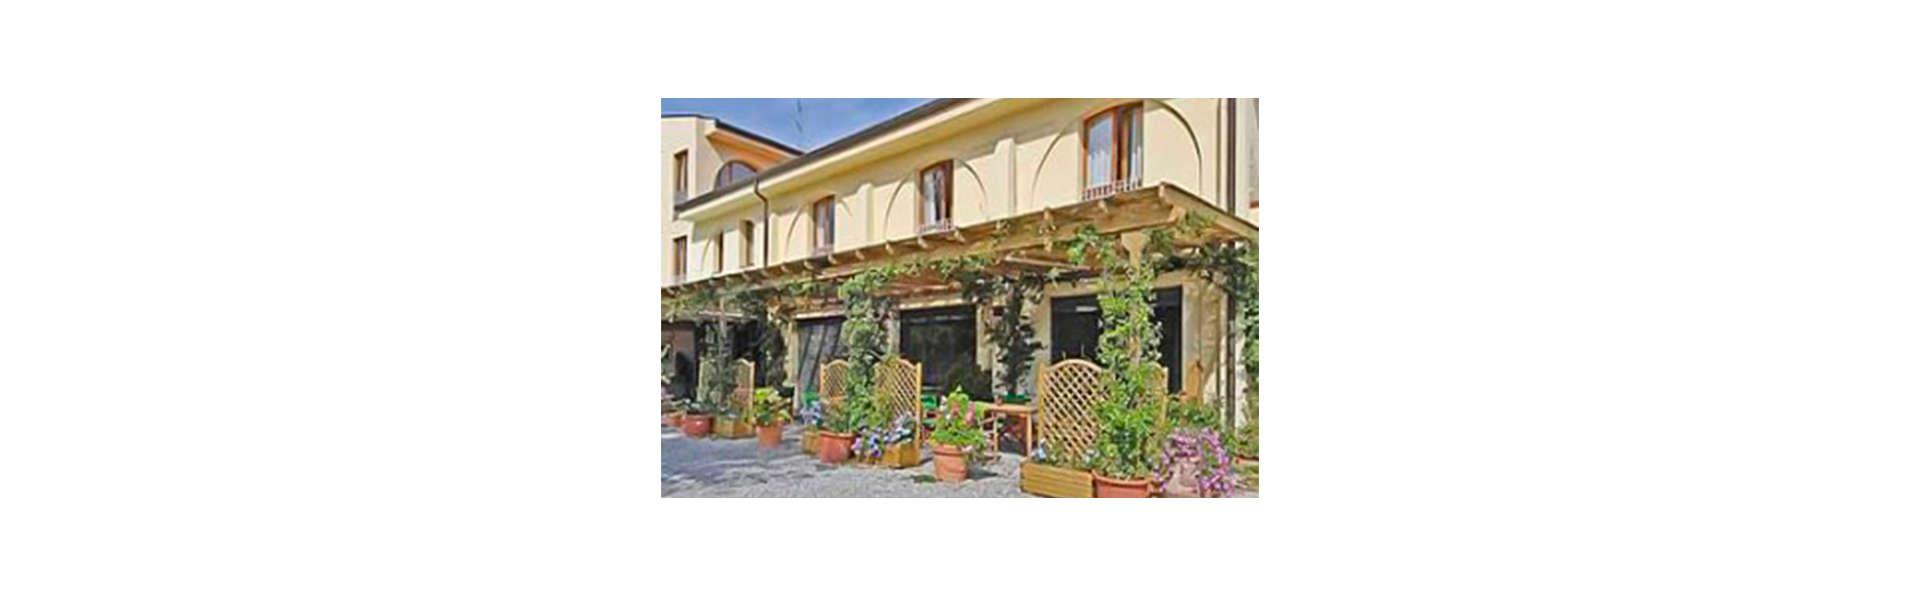 Hotel Carignano - EDIT_TERRACE_01.jpg